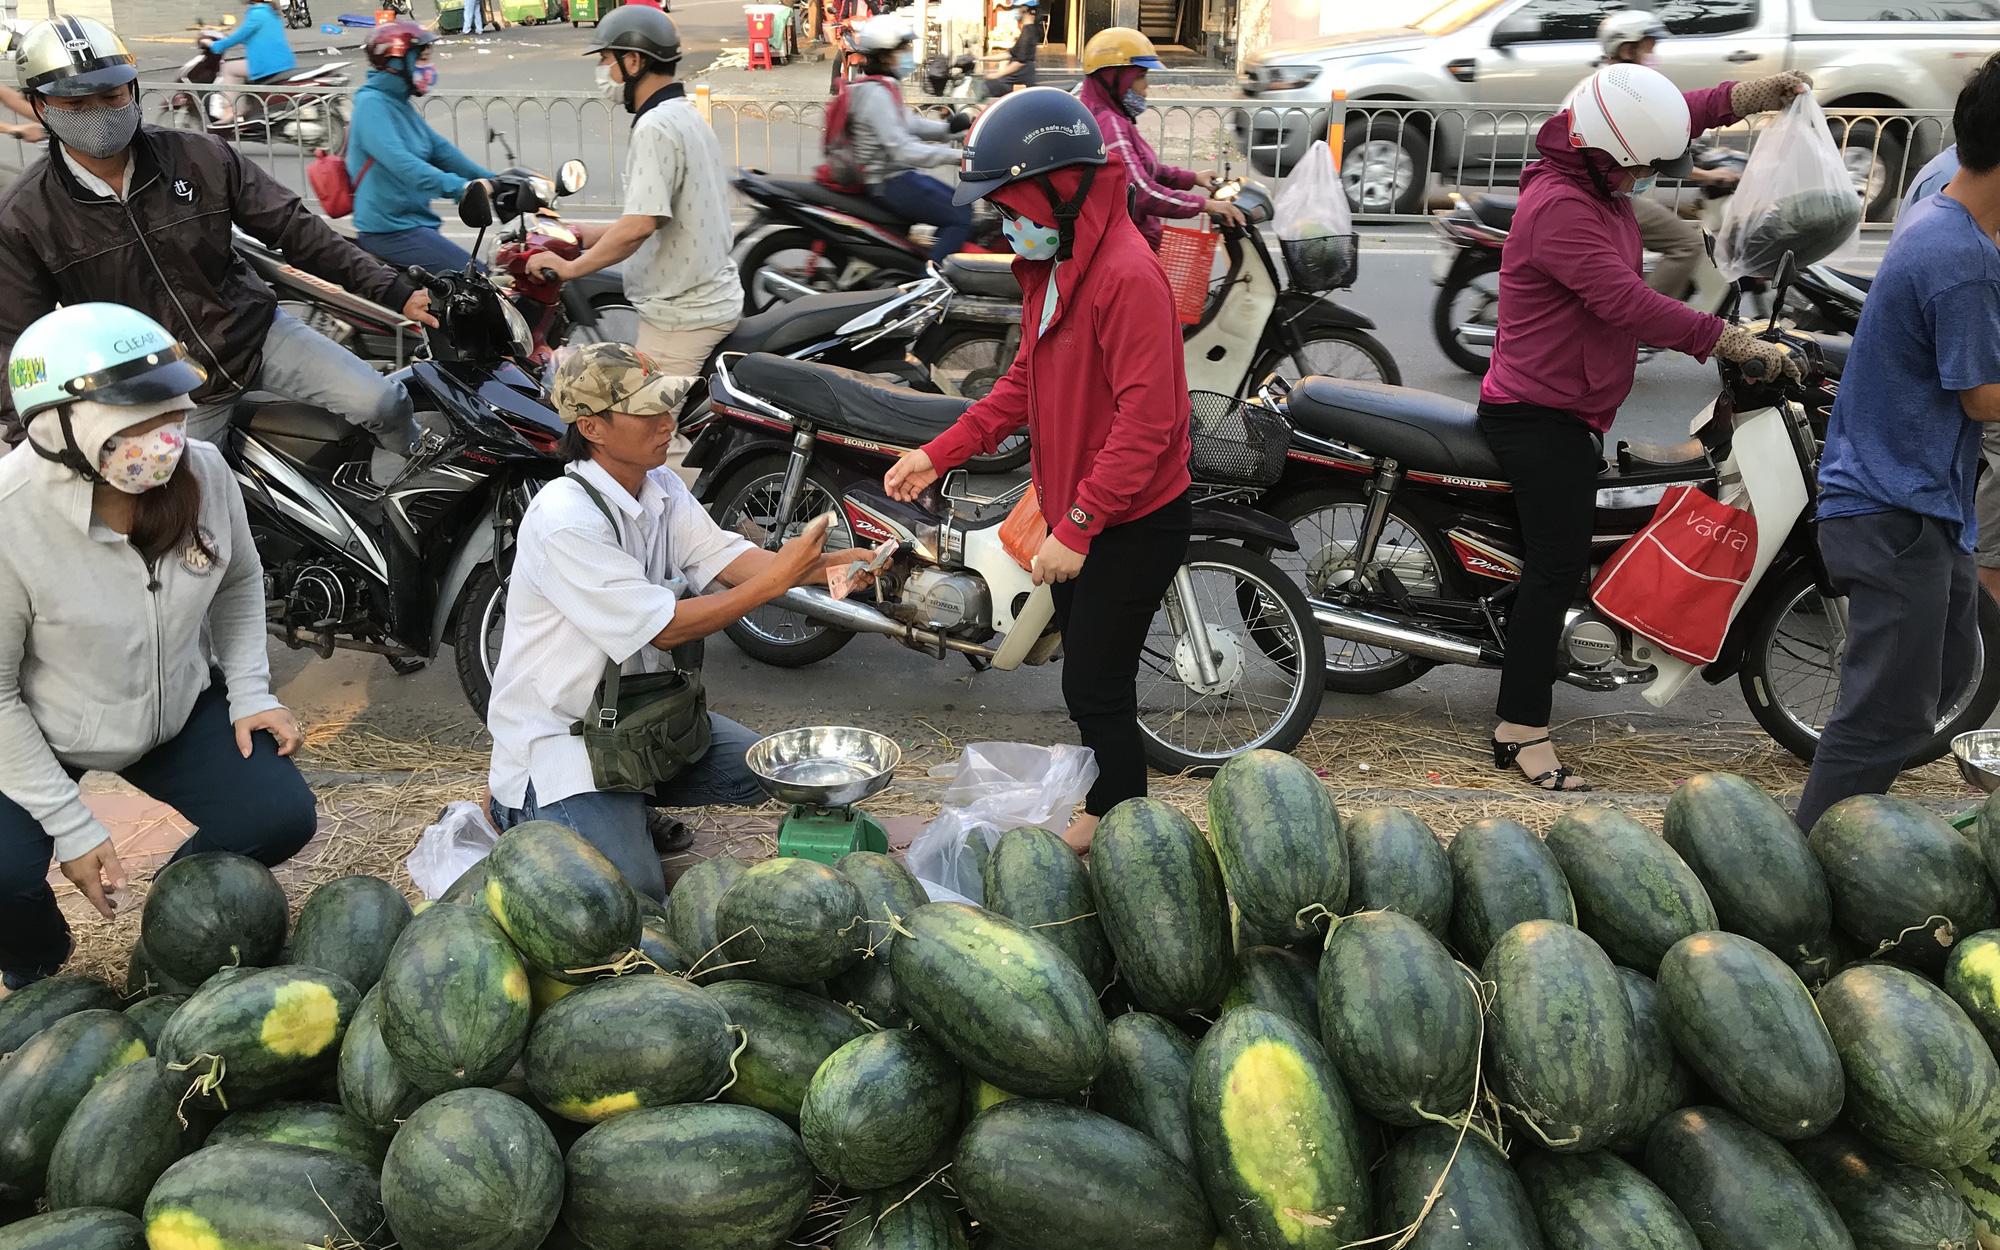 Trung Quốc dừng thông quan hàng hóa, nông sản tại các cửa khẩu trong 5 ngày liên tiếp - Ảnh 1.